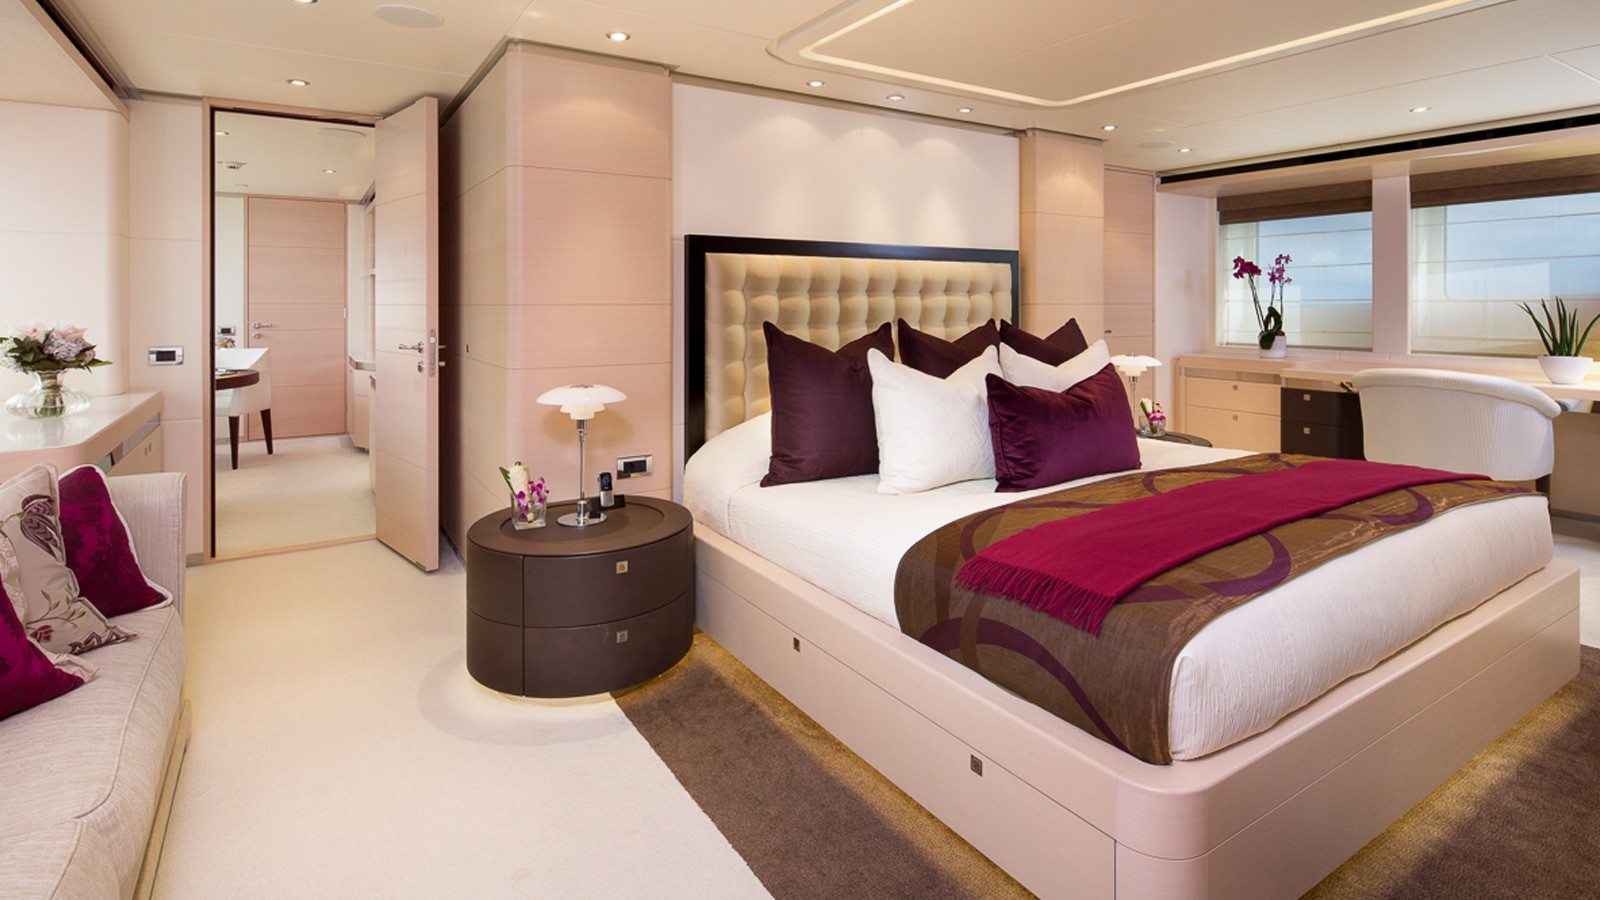 Beautiful master suite